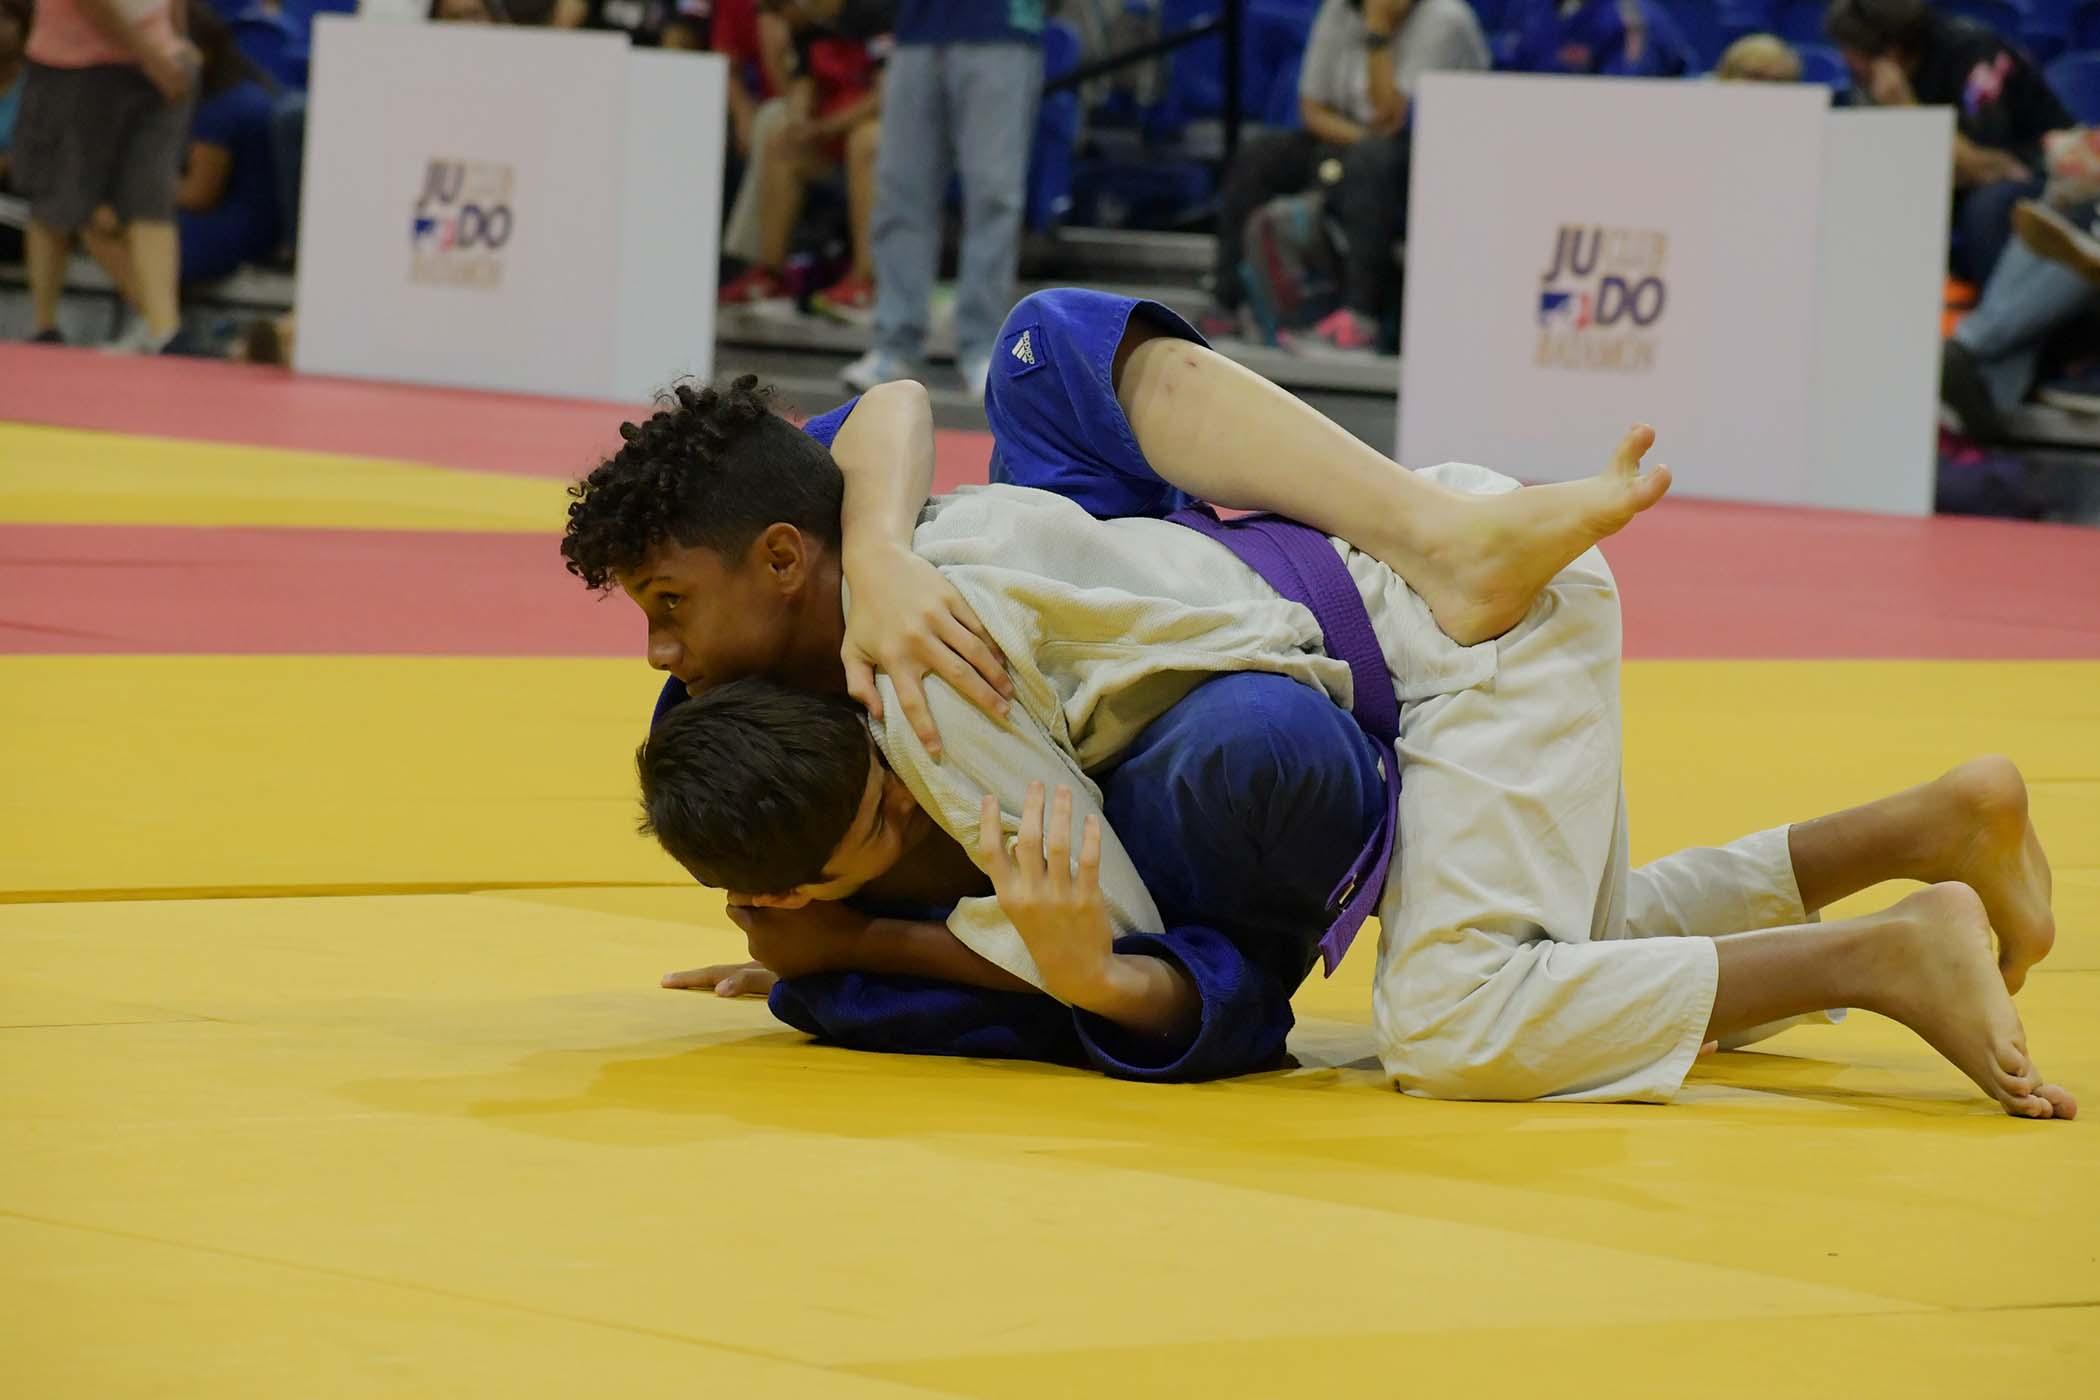 Competencia-JUDO-2019-80